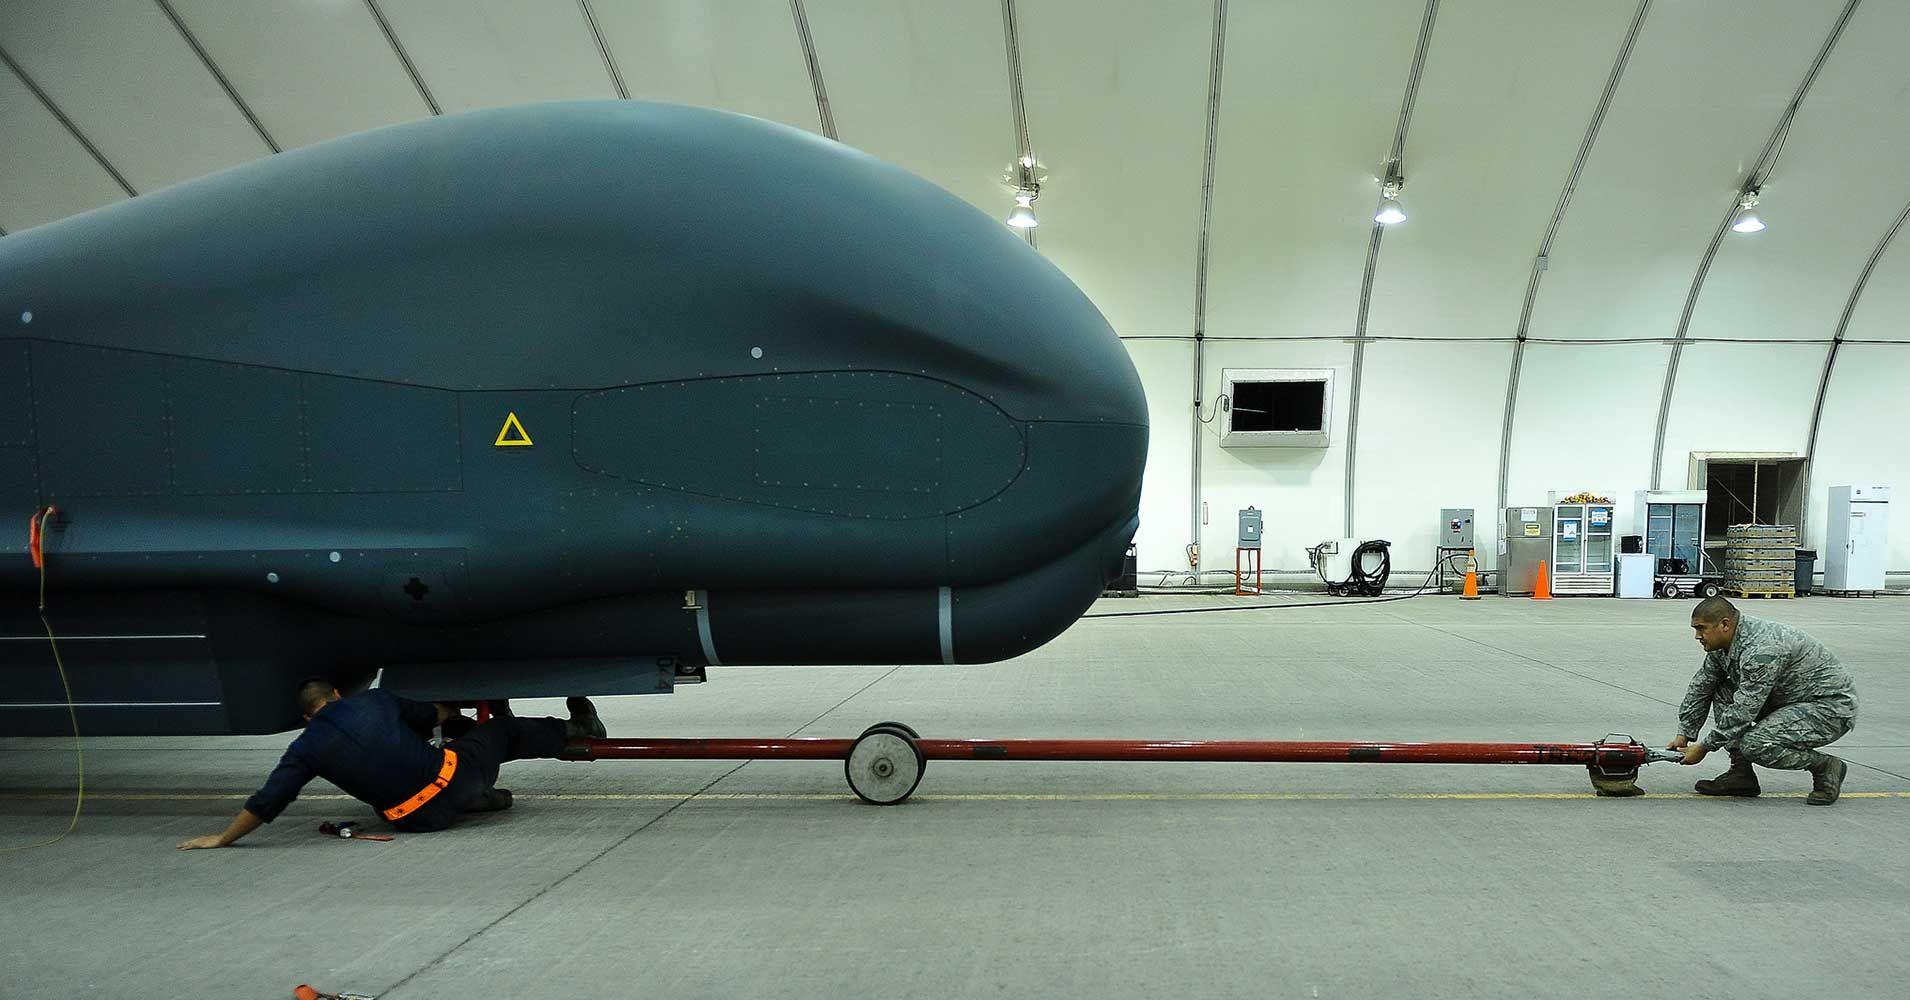 avis drone zerotech dobby